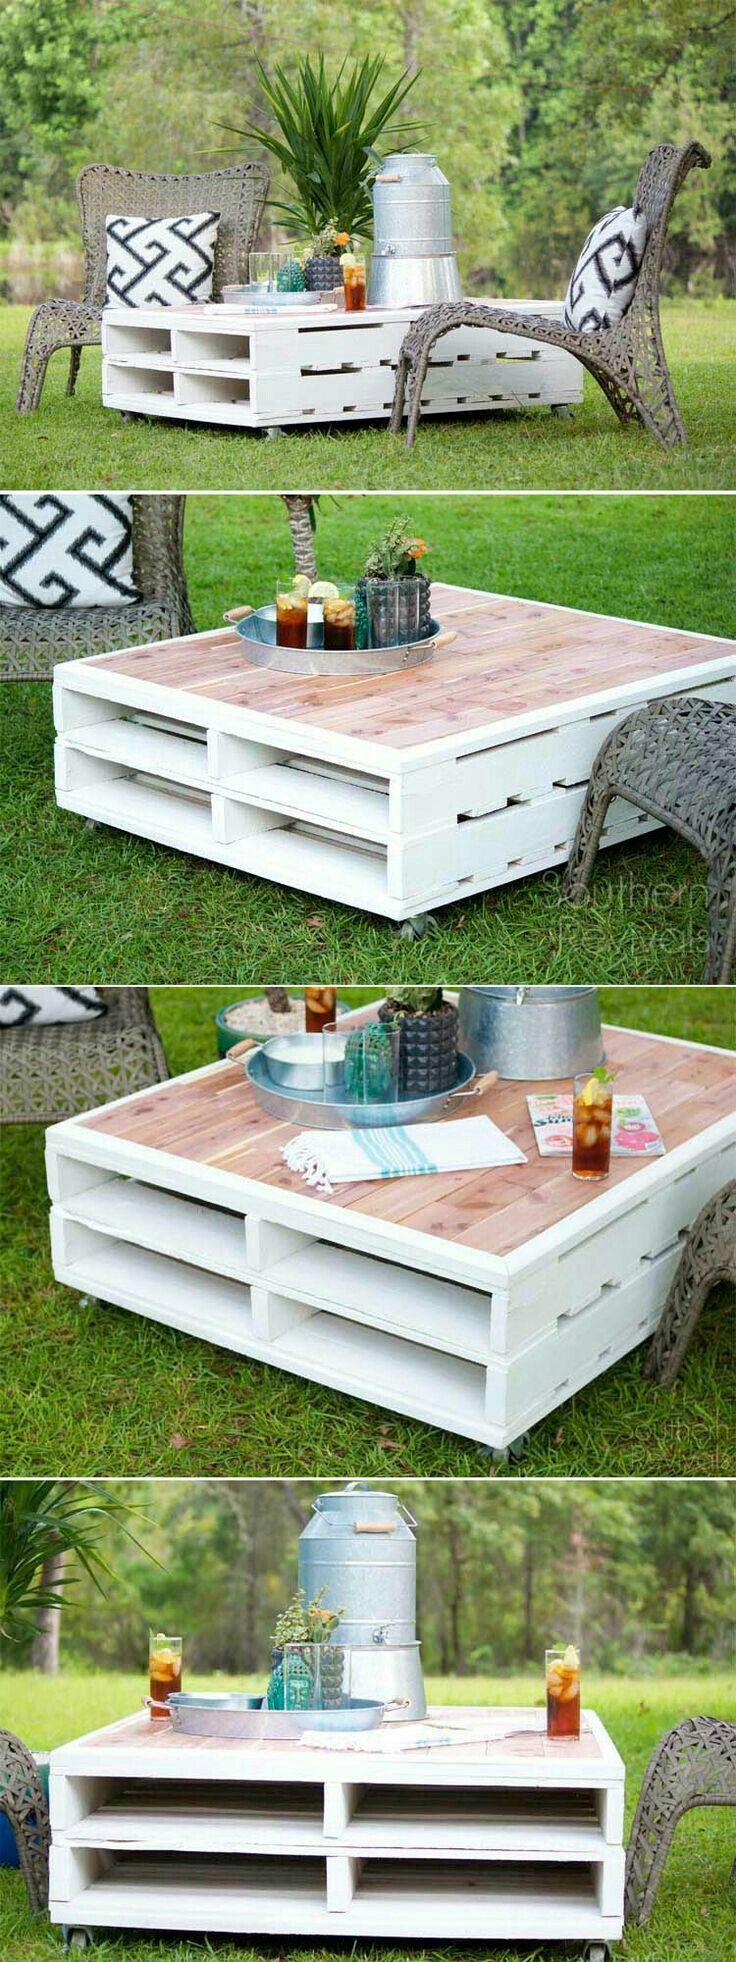 Garden Coffee Table Mobel Aus Paletten Projekte Im Freien Diy Paletten